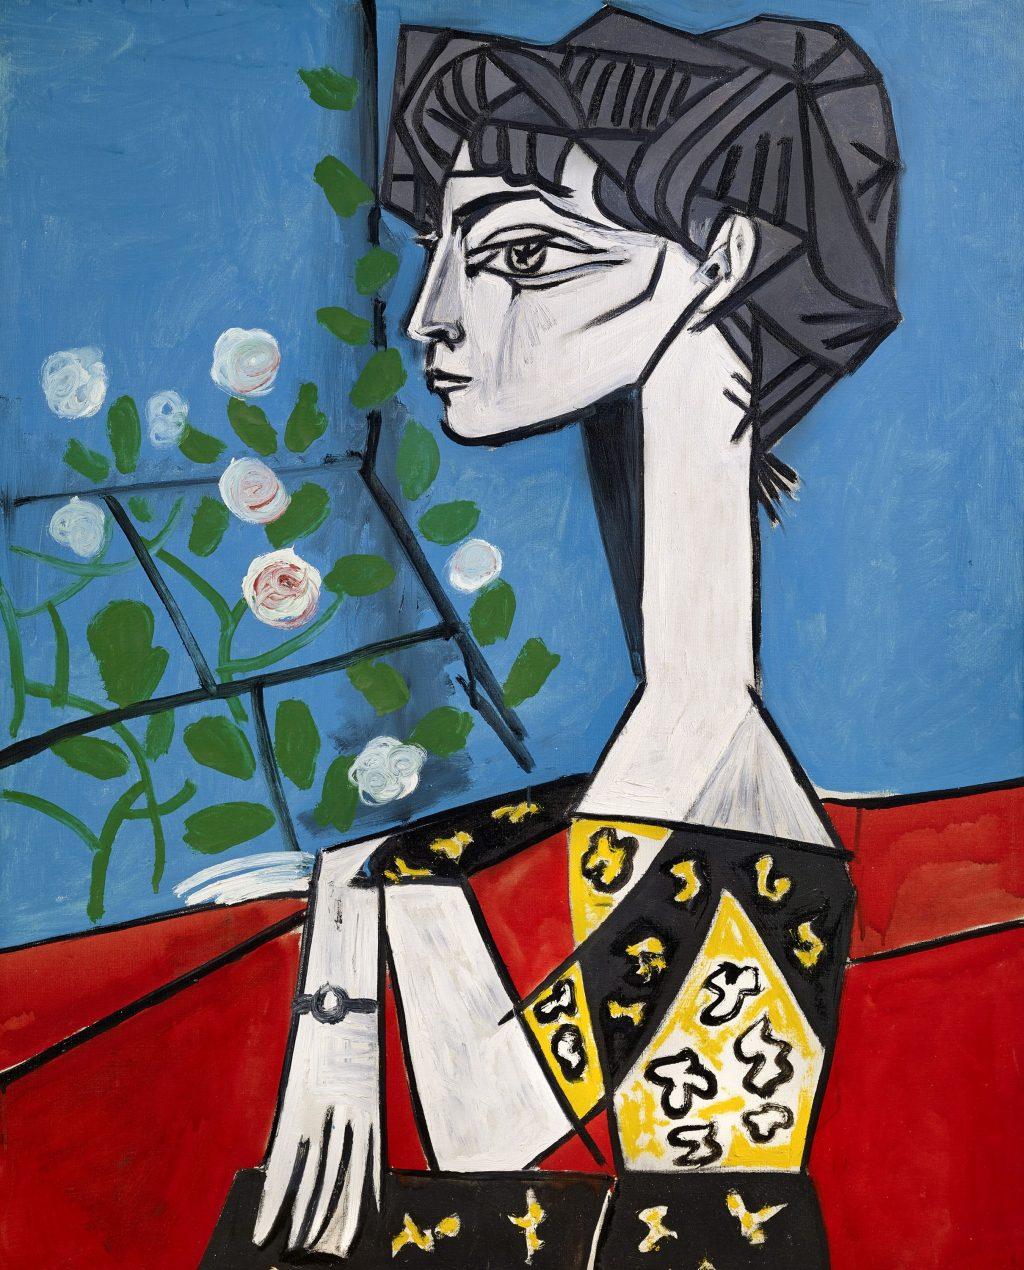 Mười sự thật bất ngờ về danh họa Pablo Picasso 1